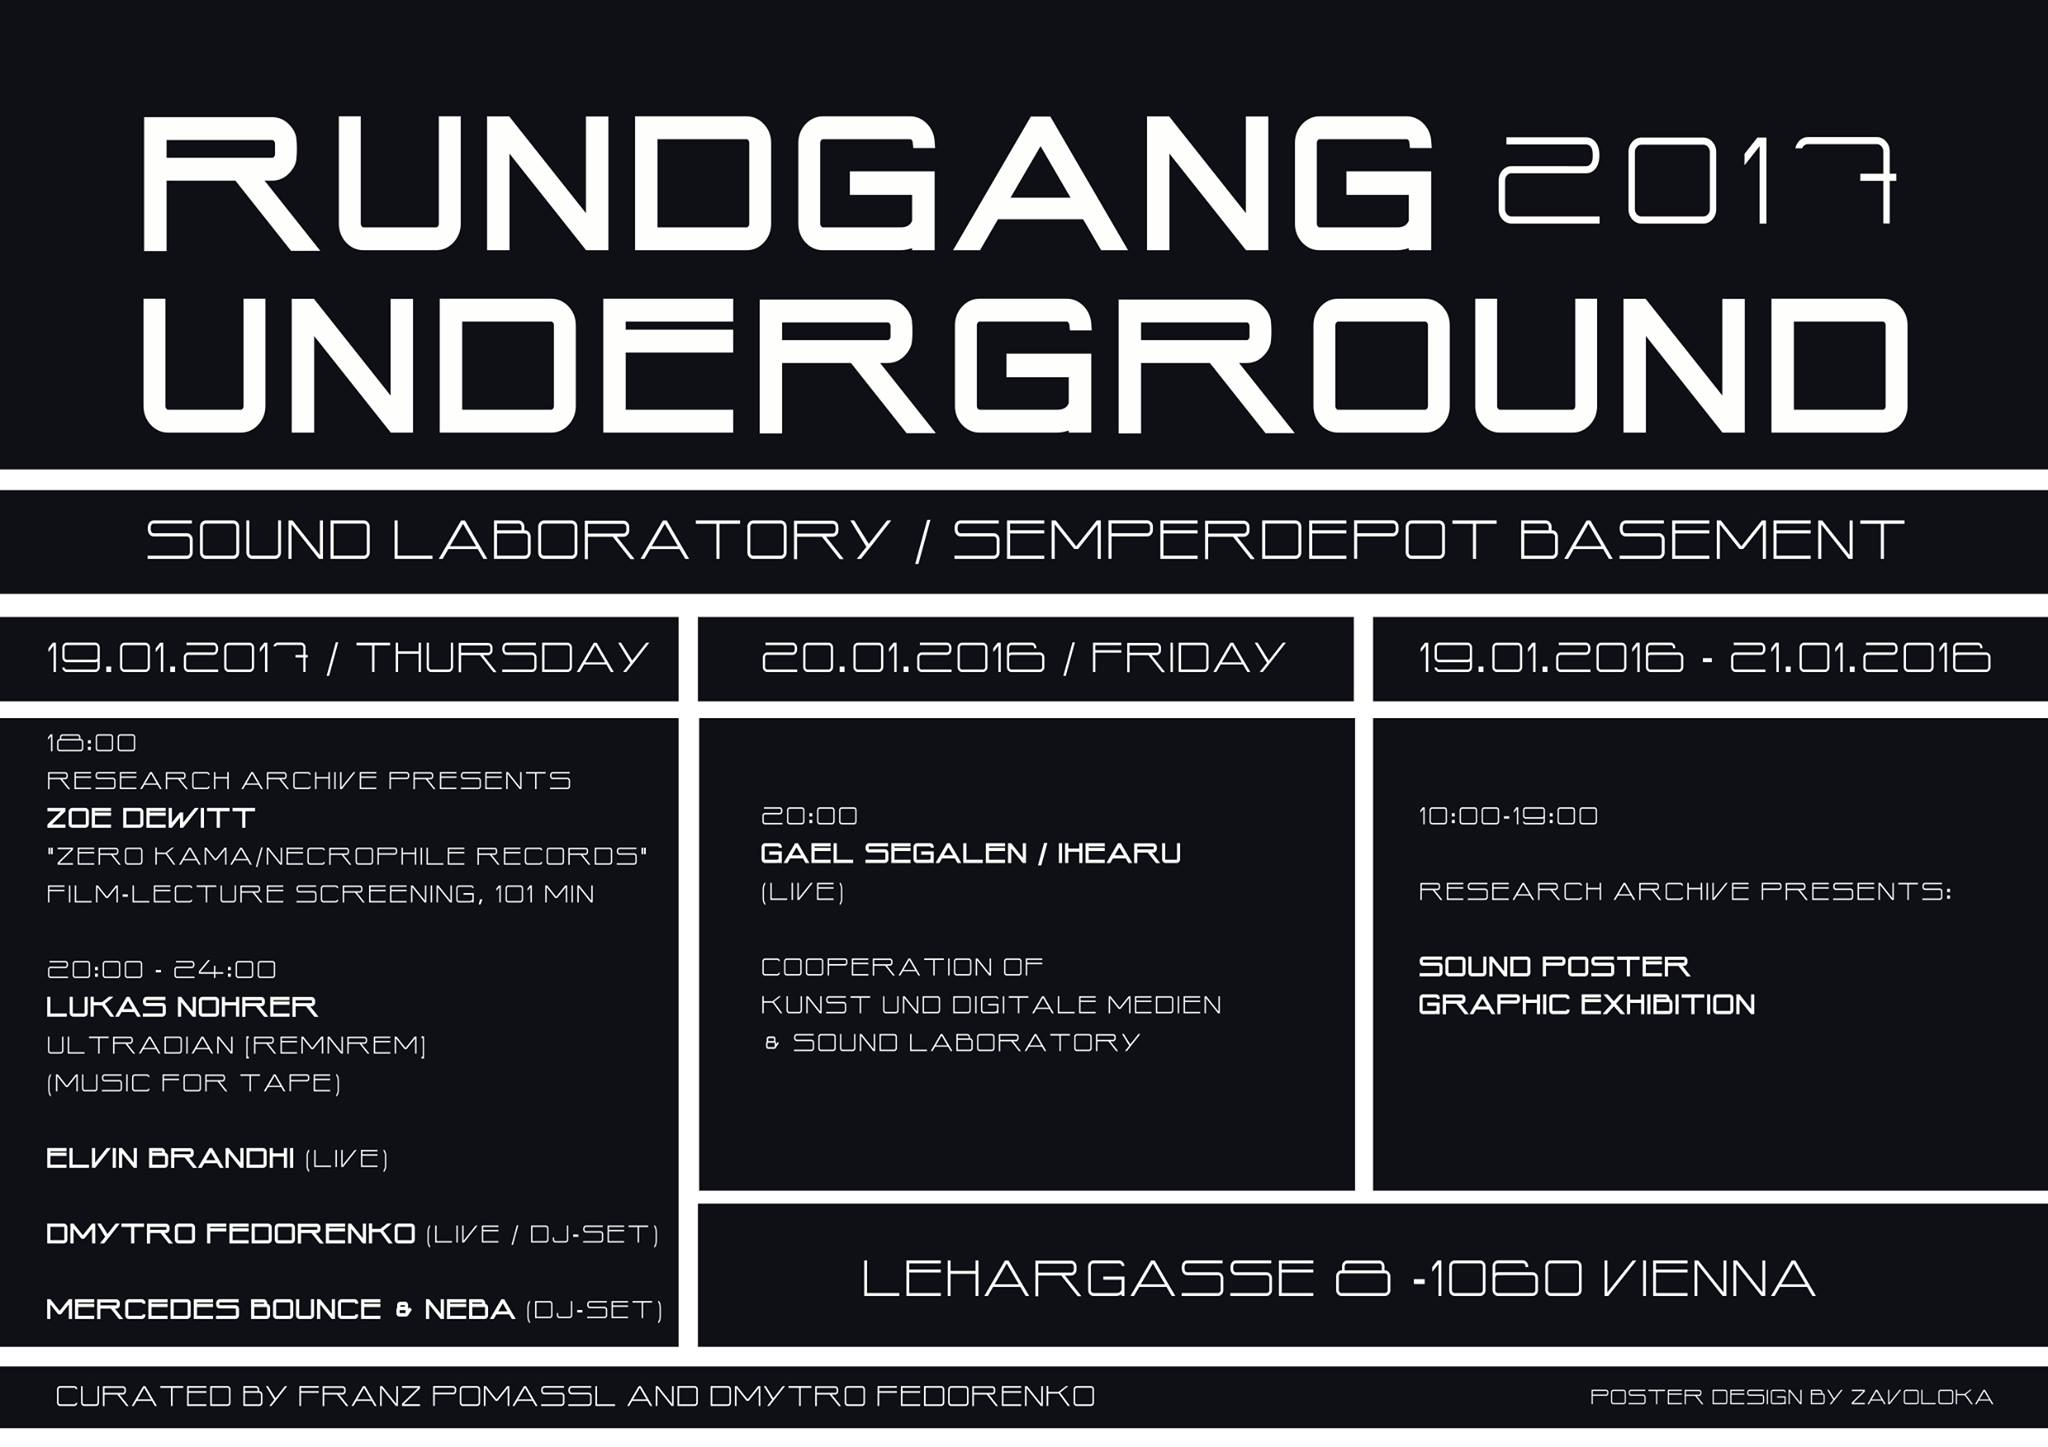 Rundgand Underground Vienna 2017 GS